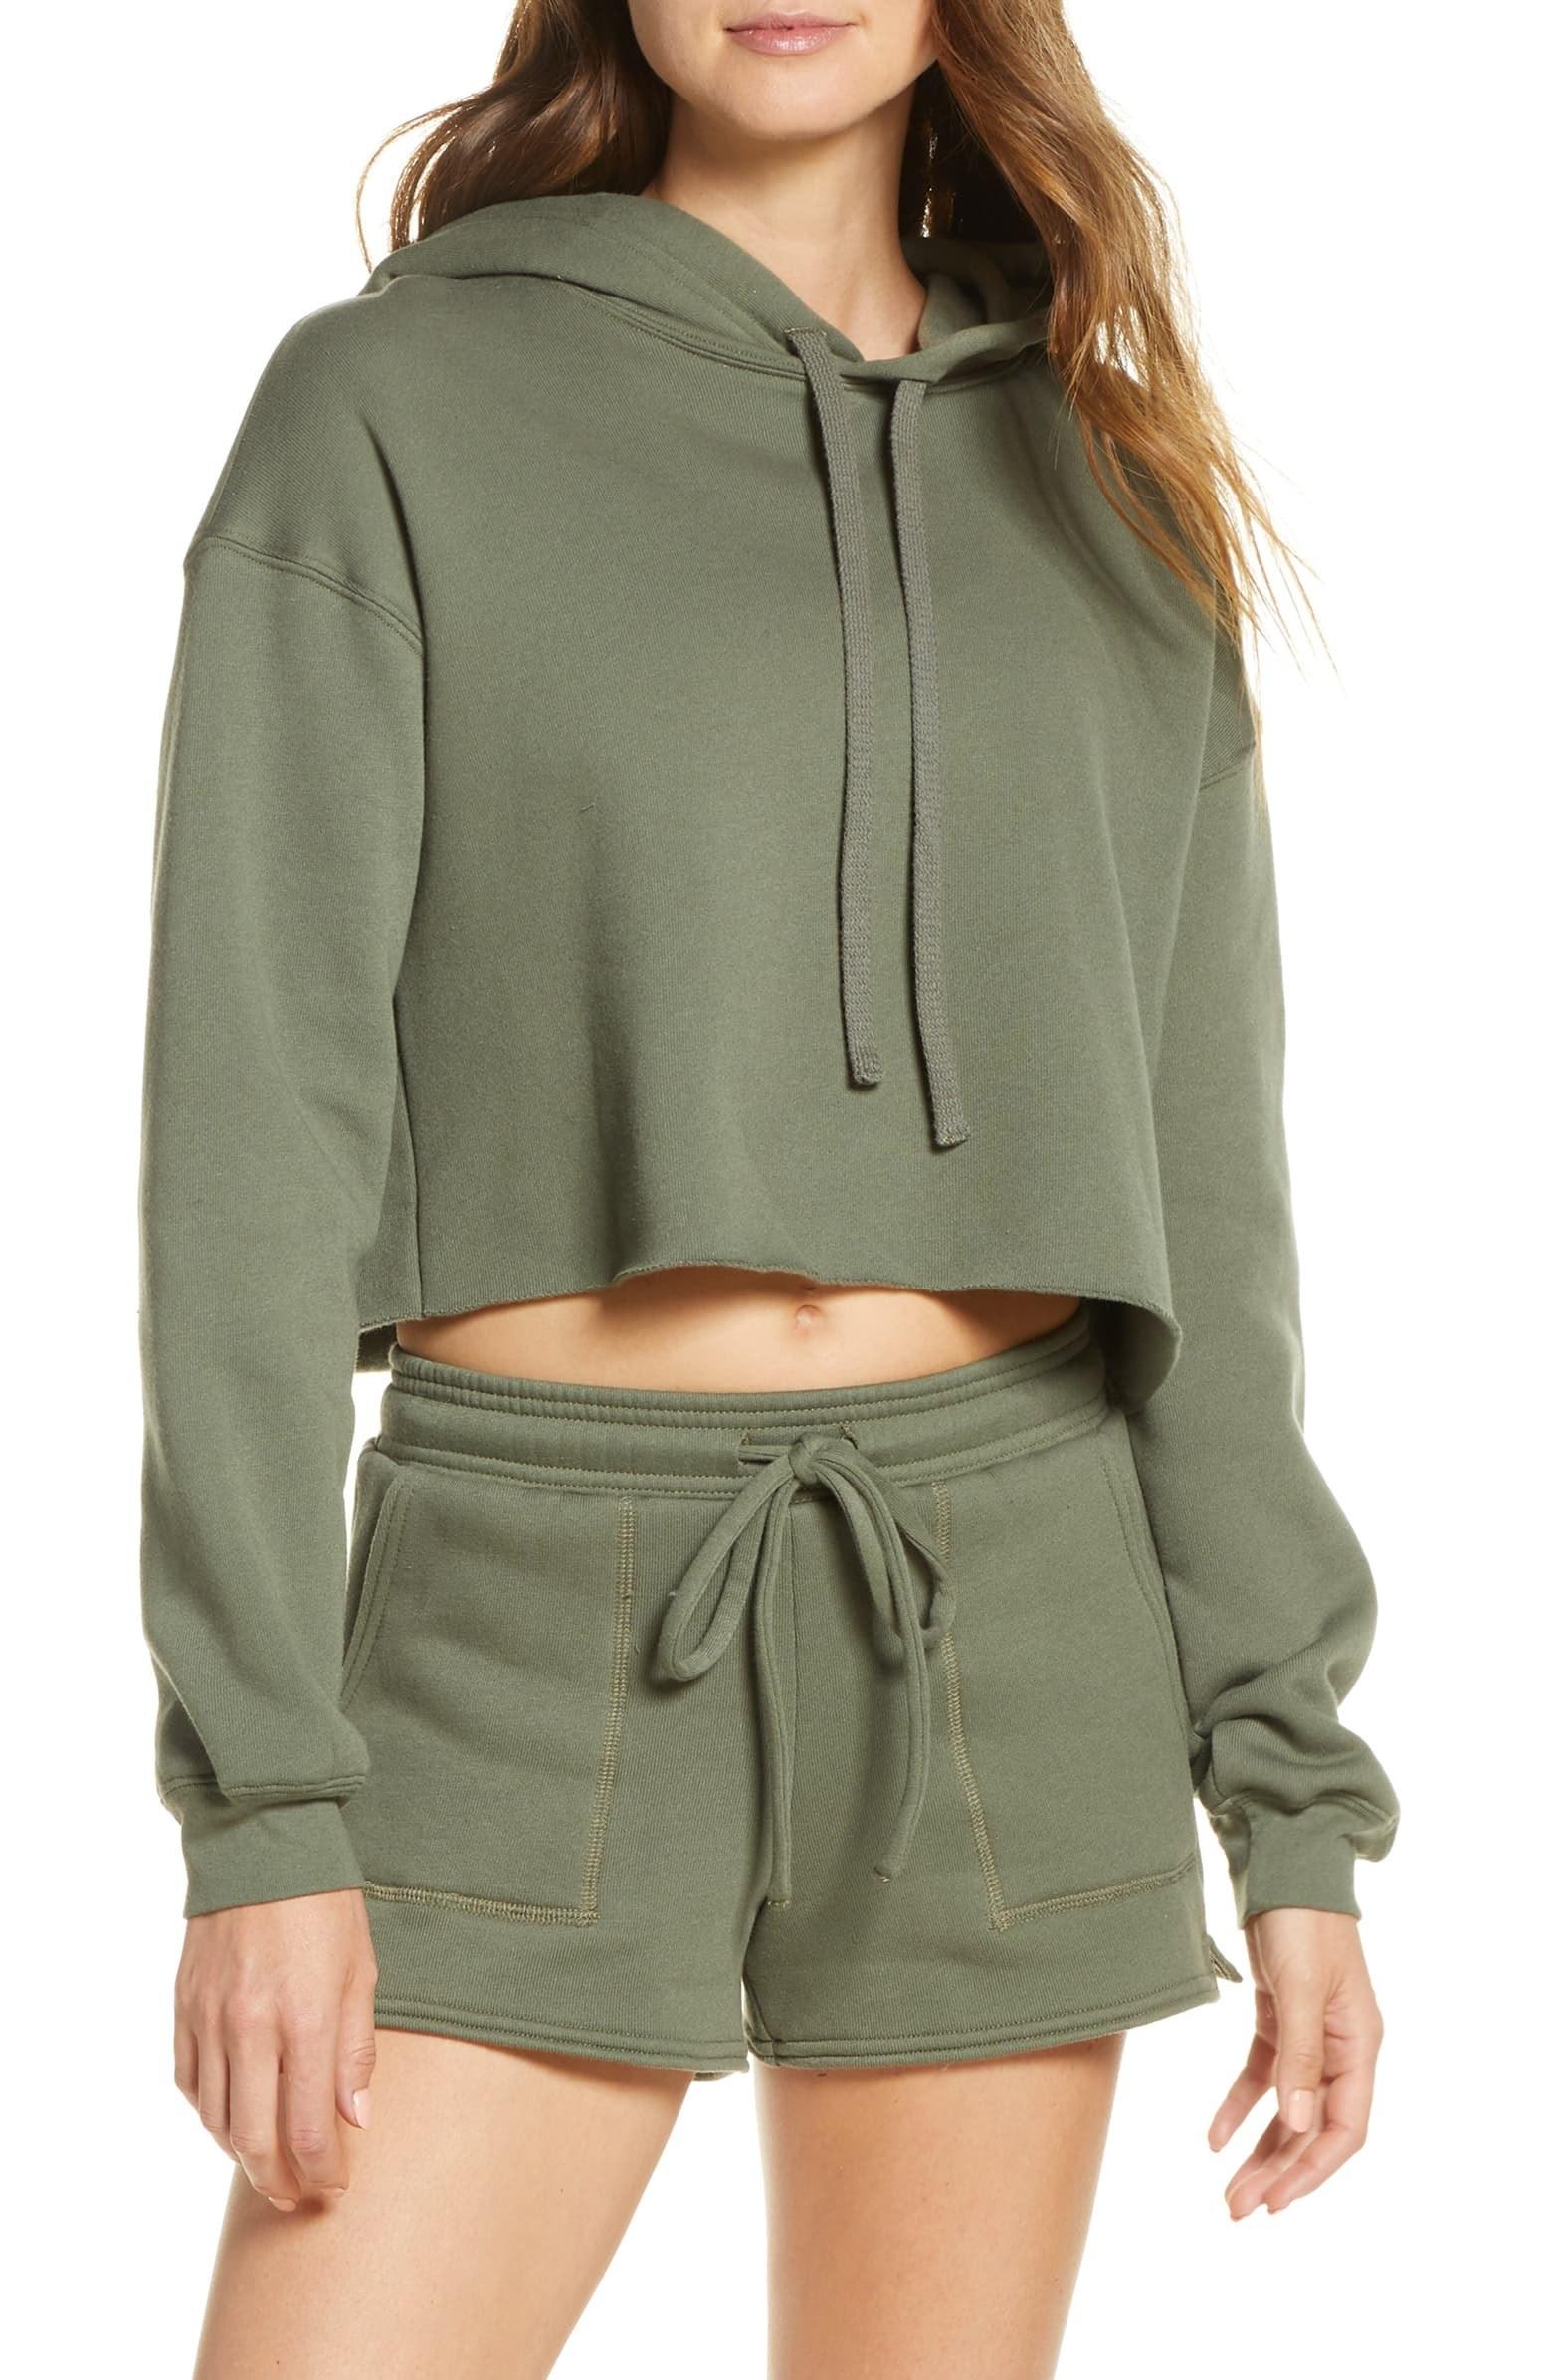 model wearing olive green hoodie